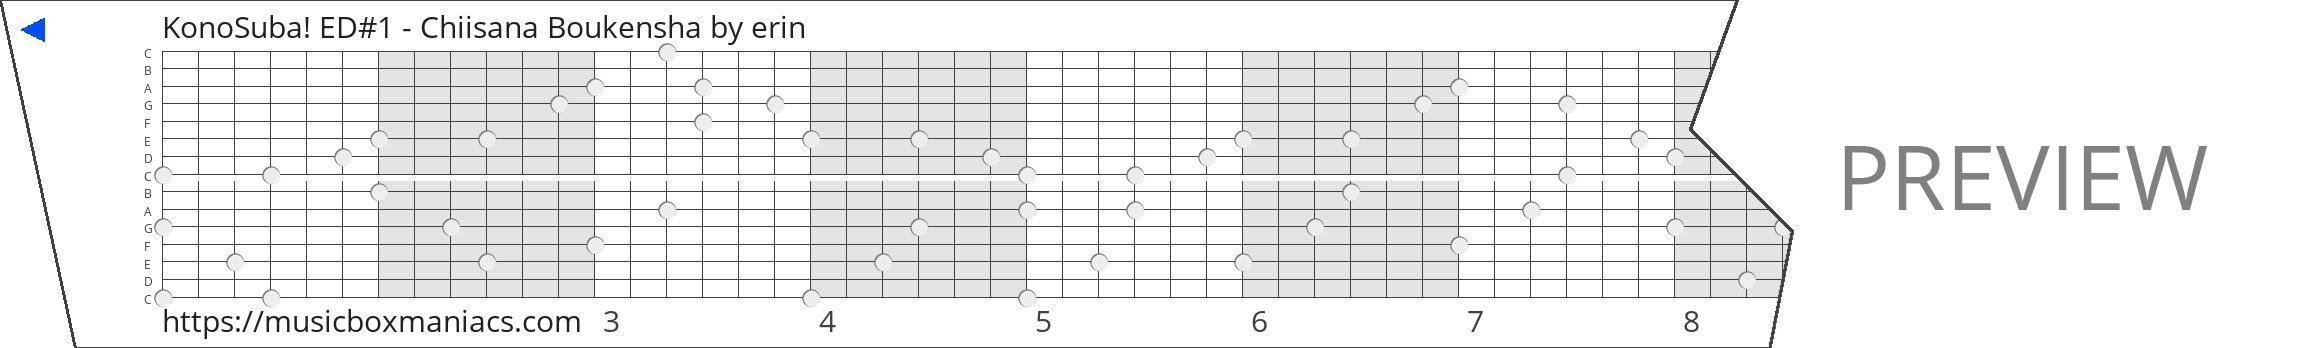 KonoSuba! ED#1 - Chiisana Boukensha 15 note music box paper strip